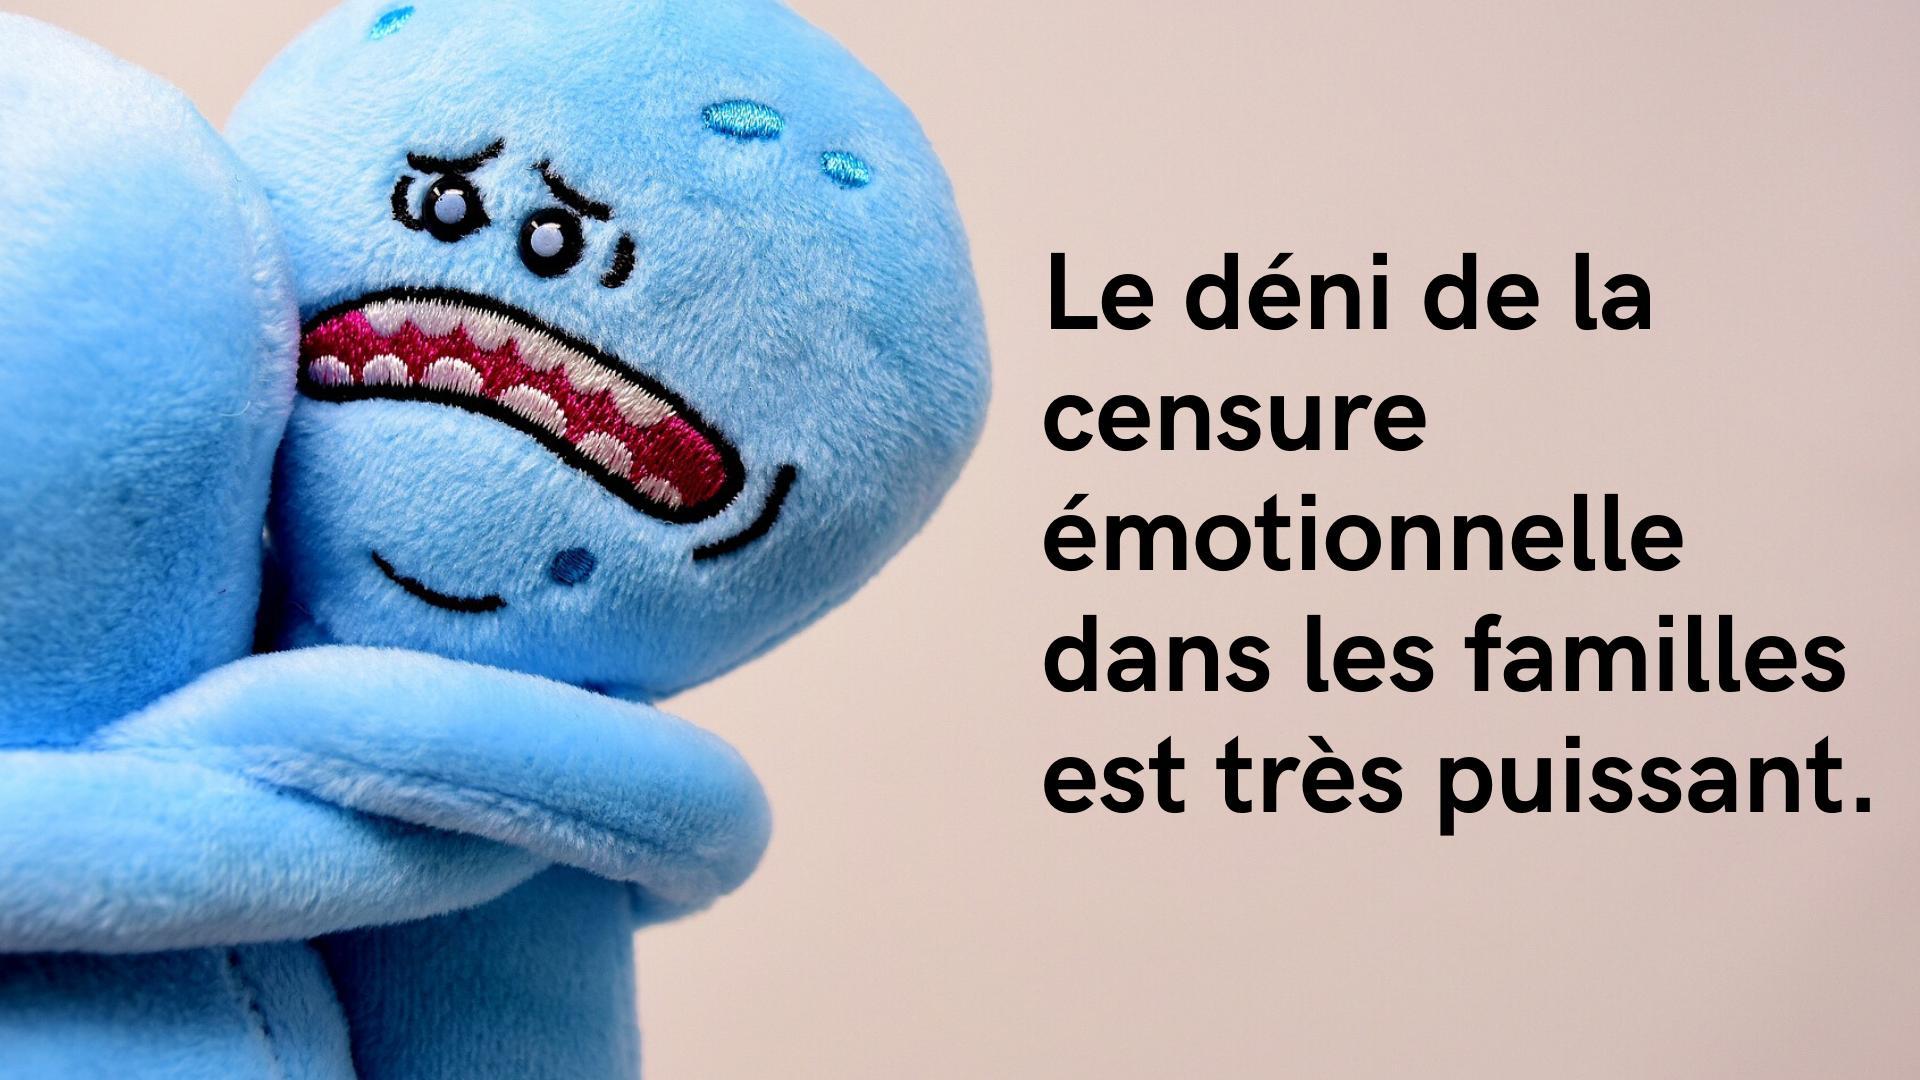 La censure émotionnelle en famille est un objet de déni particulièrement puissant.